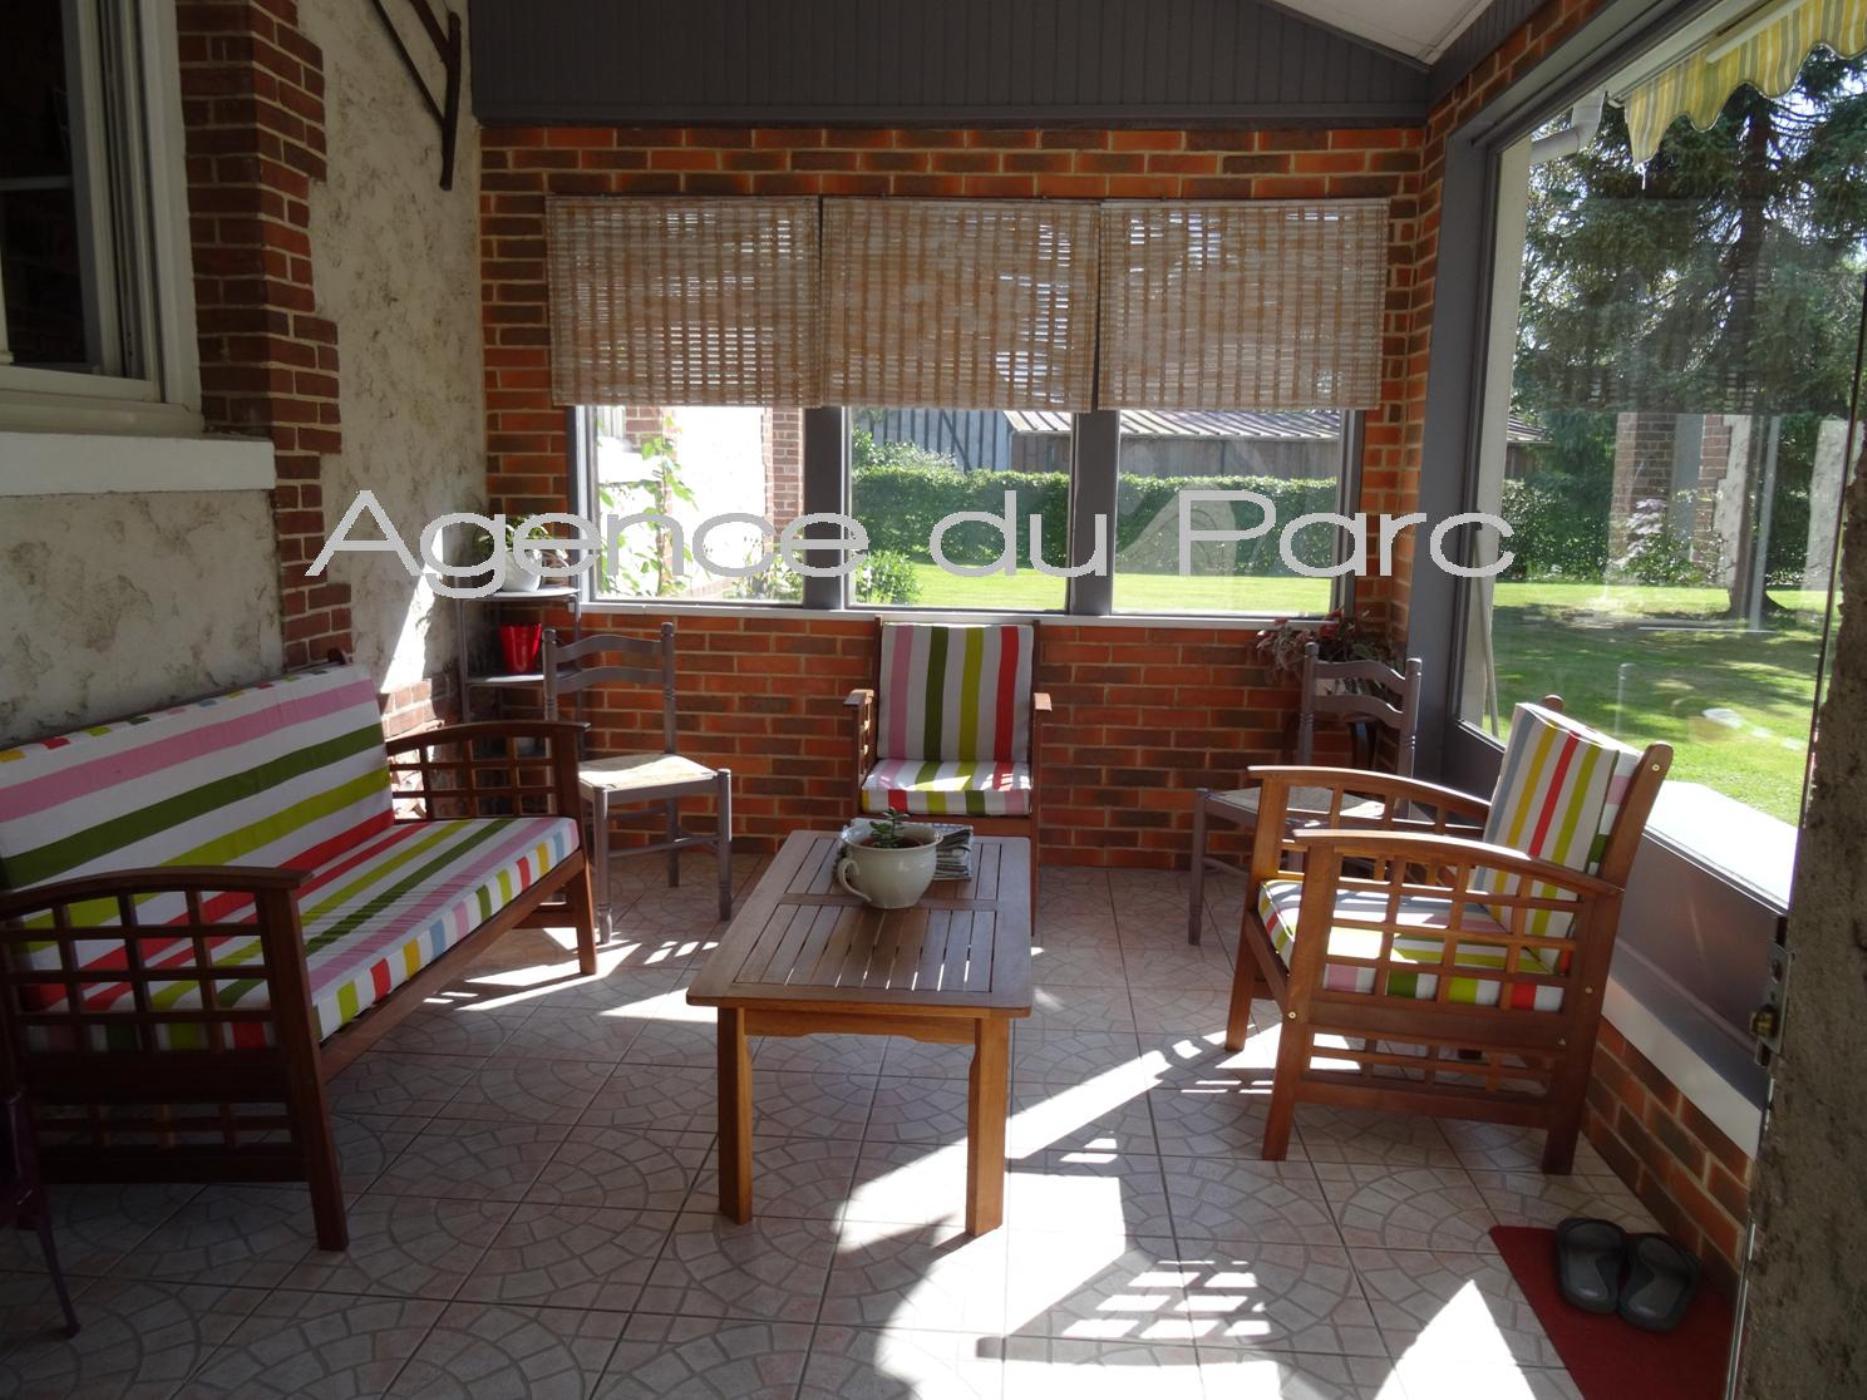 Acheter vente d 39 une maison cauchoise en briques et pierres for Acheter une maison par agence immobiliere